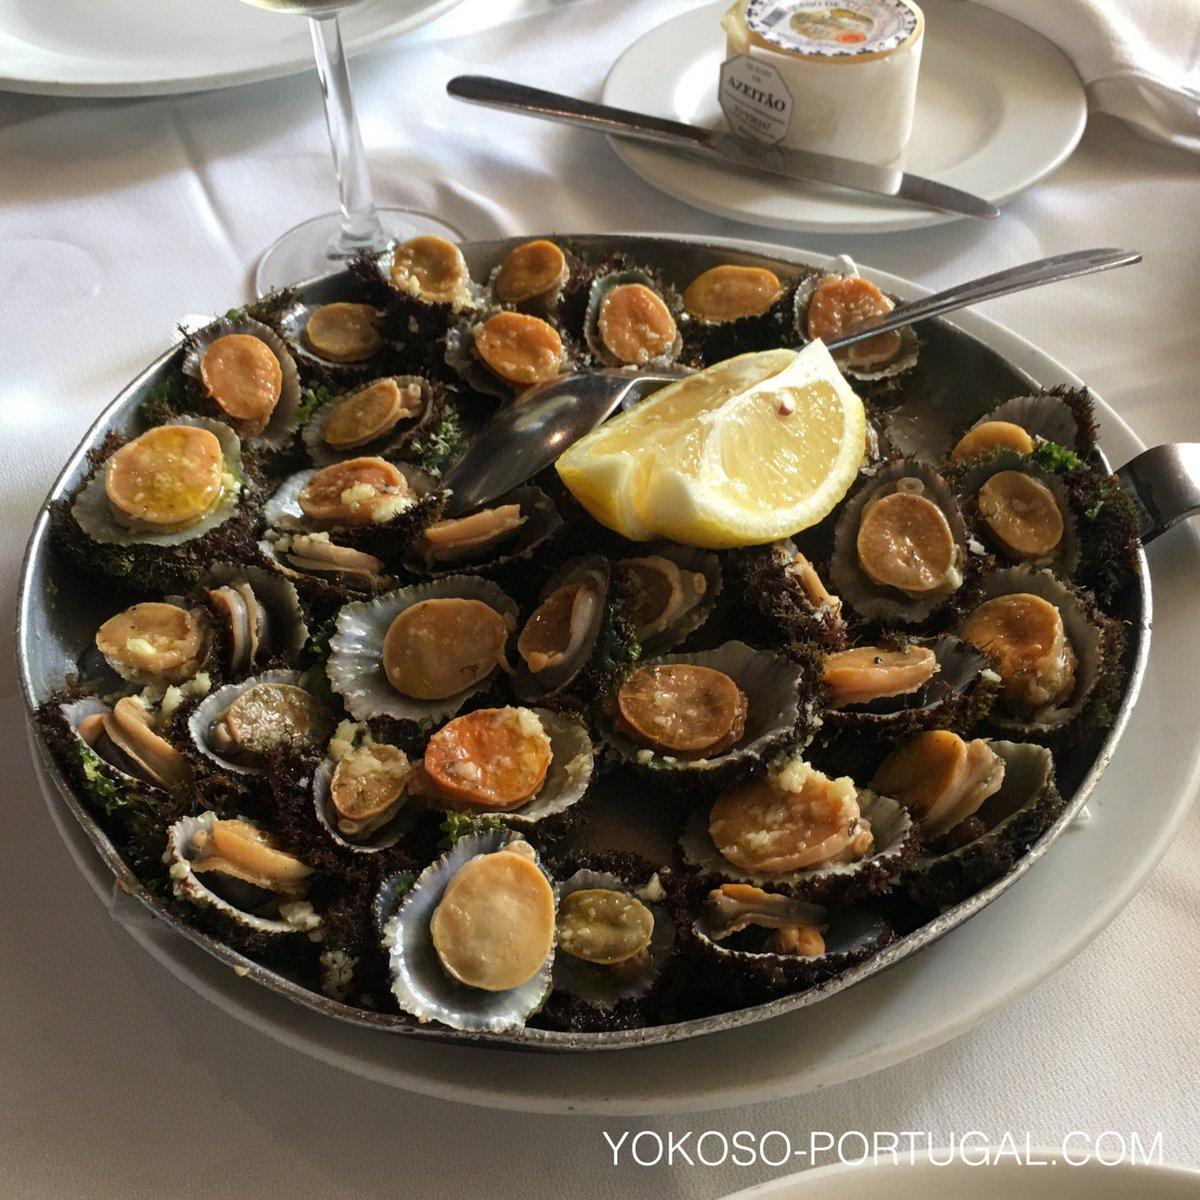 test ツイッターメディア - リスボンから車で1時間の港町セジンブラ。美味しい魚介類を食べられるとっておきの場所。ここに来たならマストの1枚貝ラパス、ガーリックバターともに旨み倍増。 (@ O Velho e o Mar in Sesimbra, Setúbal) https://t.co/g1EDG5qQ3a https://t.co/5sdLBpkFfH